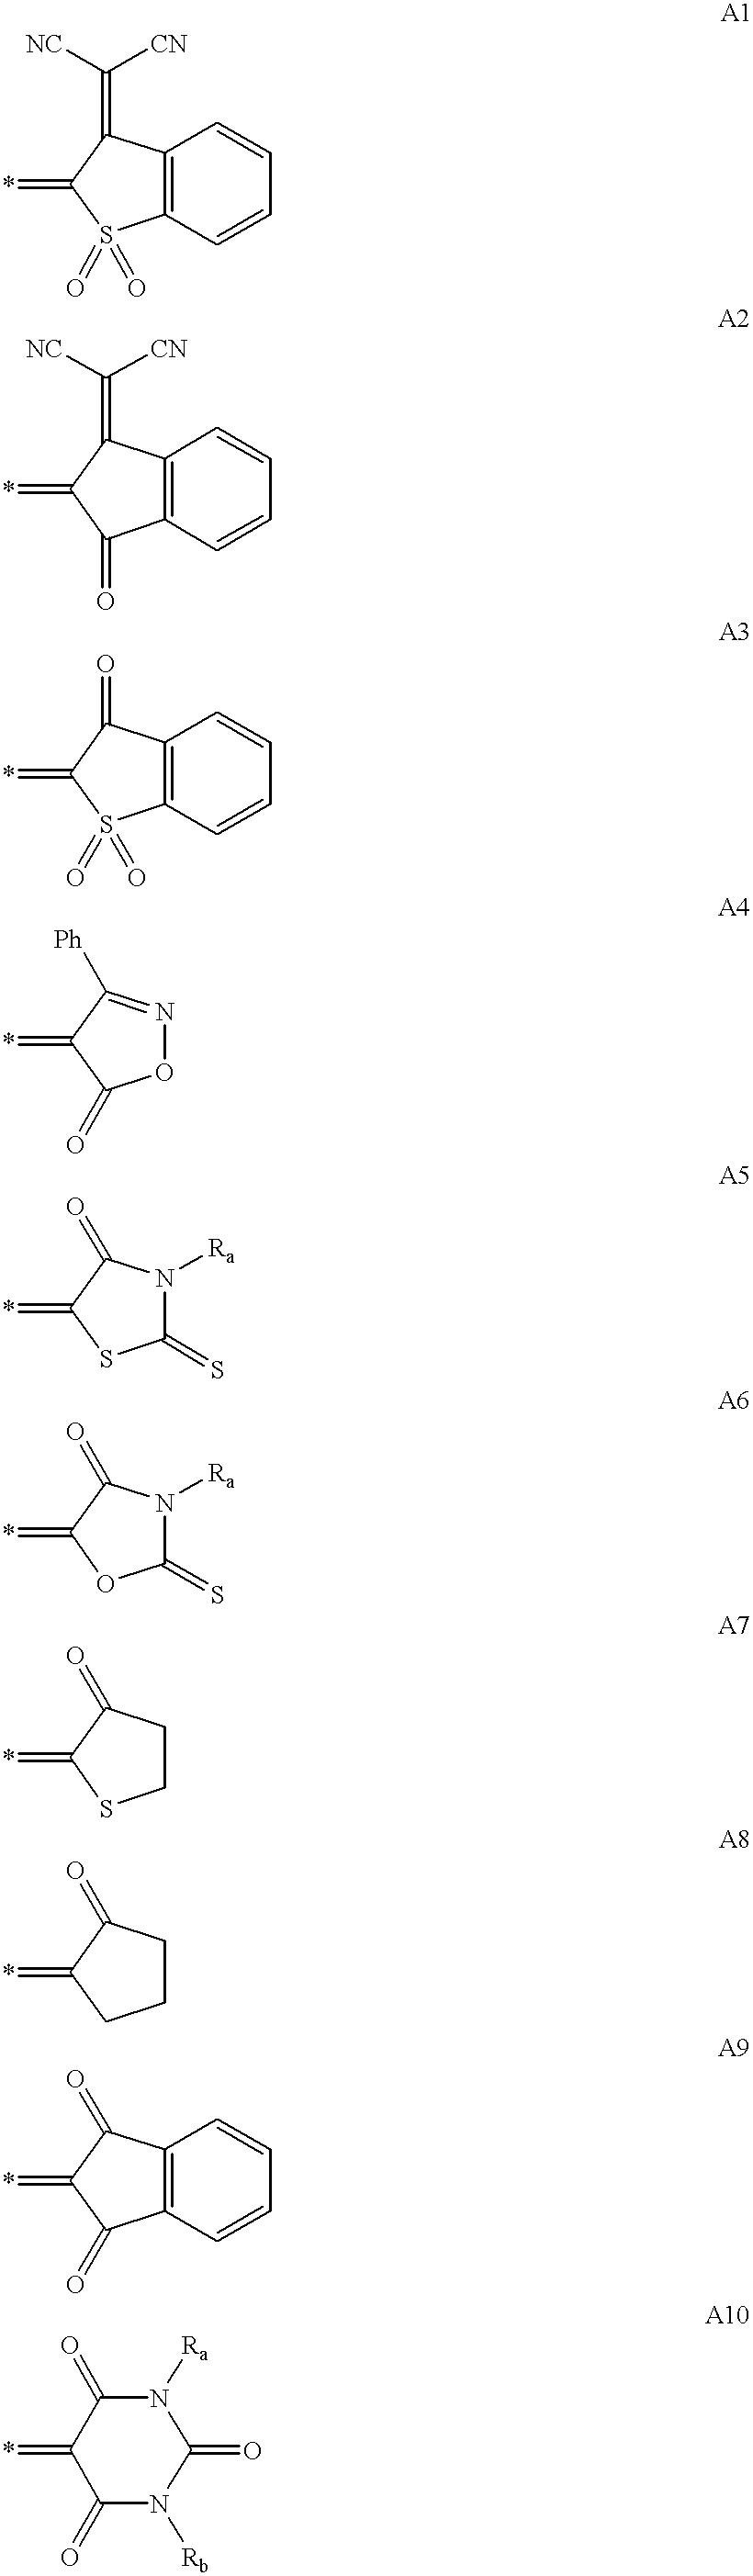 Figure US06267913-20010731-C00013